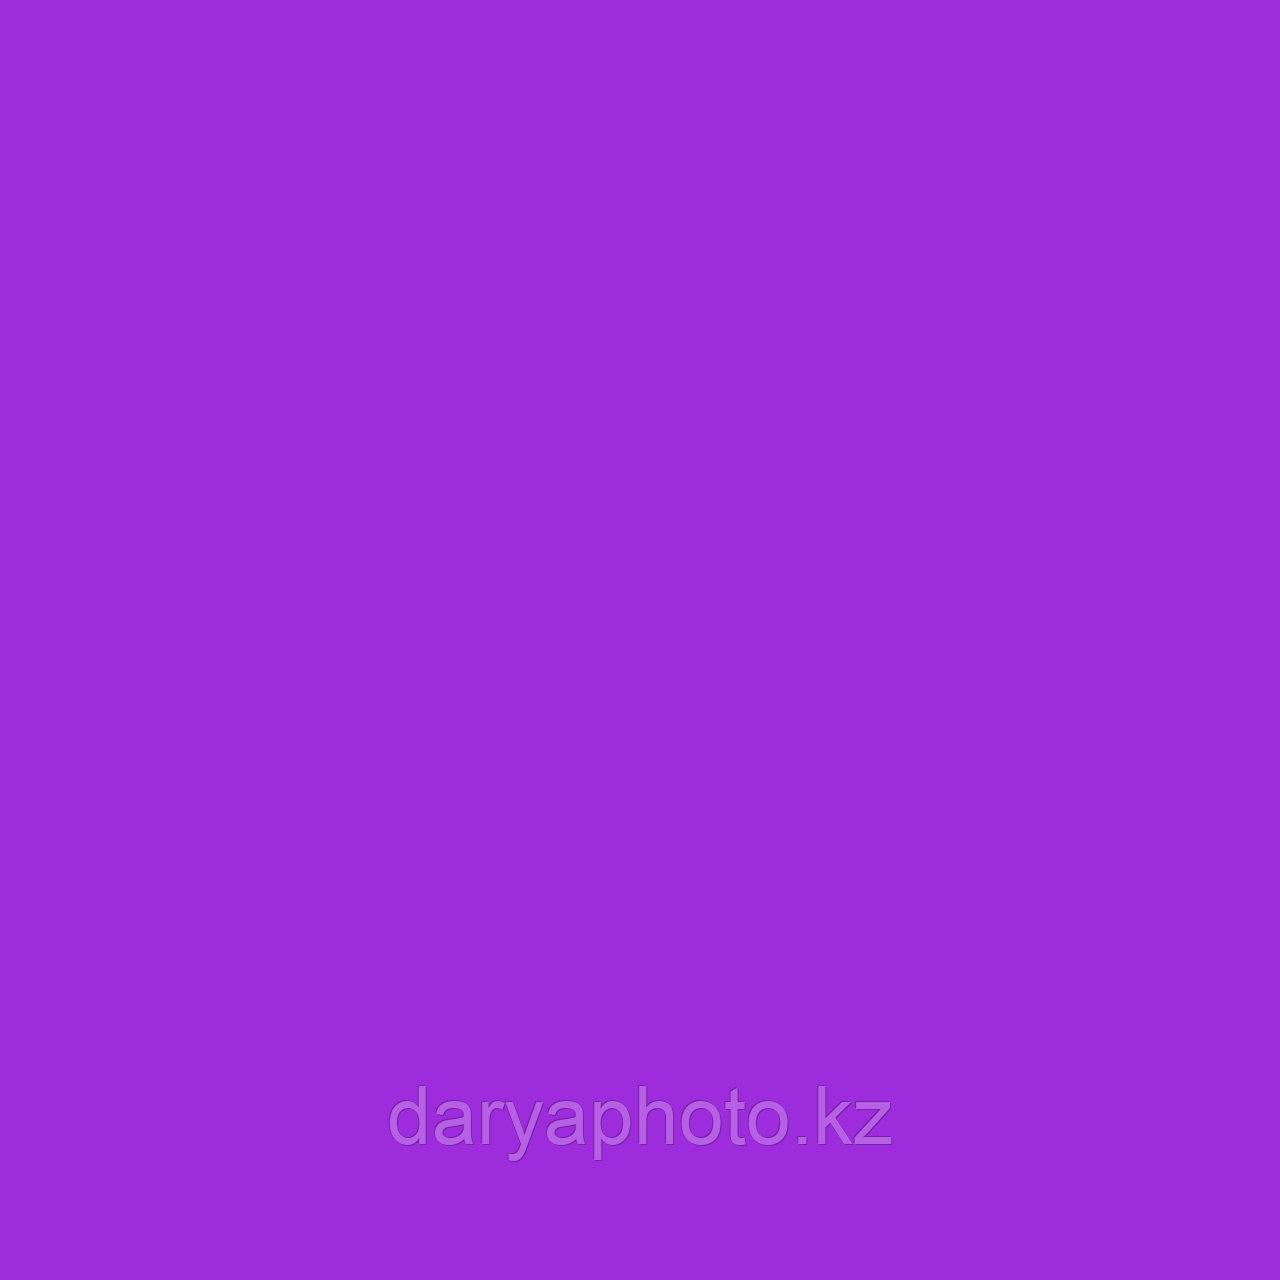 Фиолетовый Фон бумажный. Фотофон. Фон для фотостудии